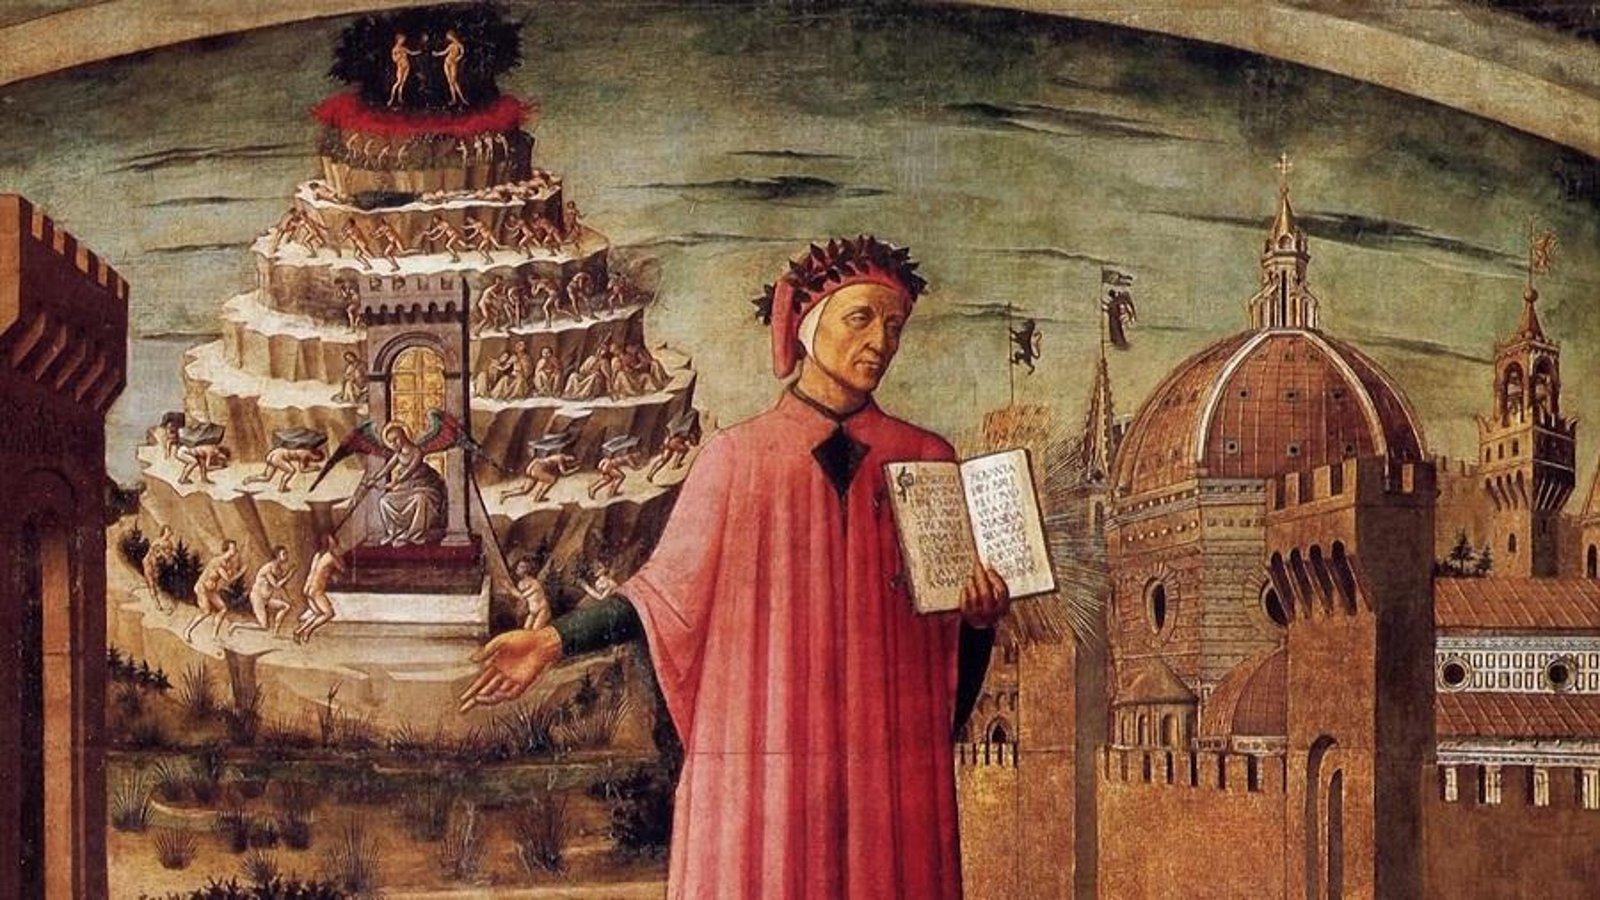 Dante - The Life and Work of Dante Alighieri